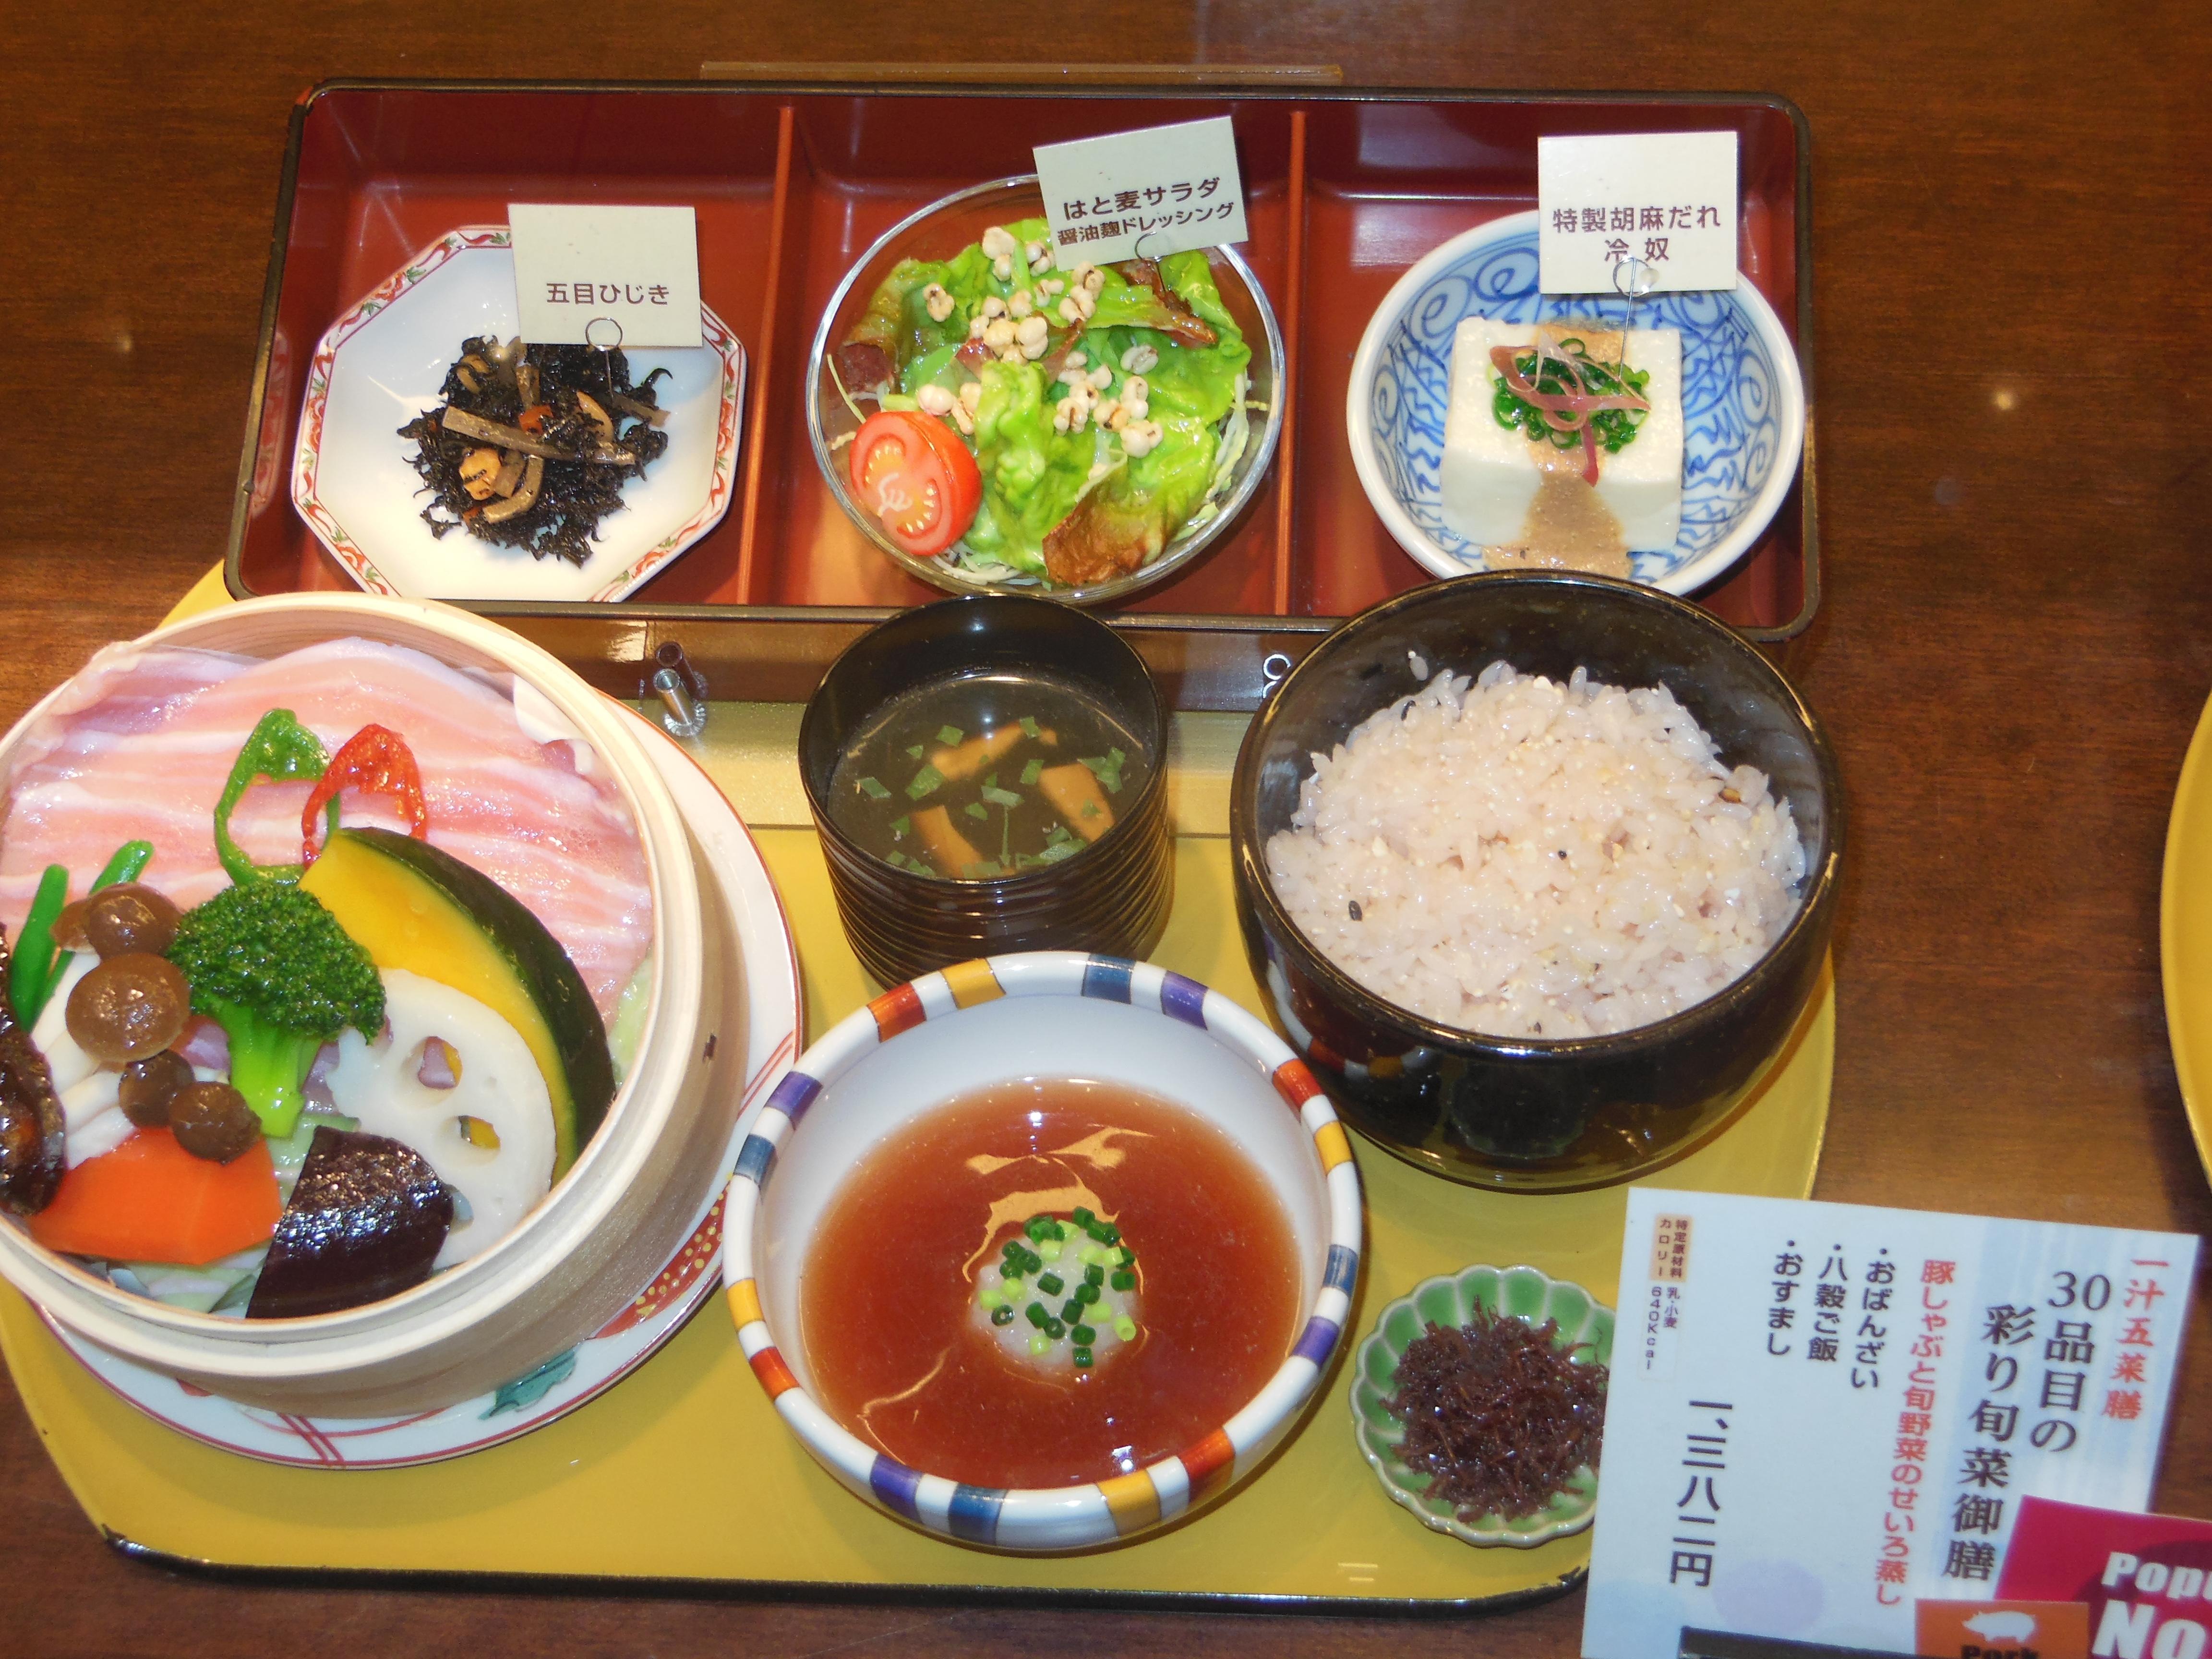 Japanilainen Ruokavalio